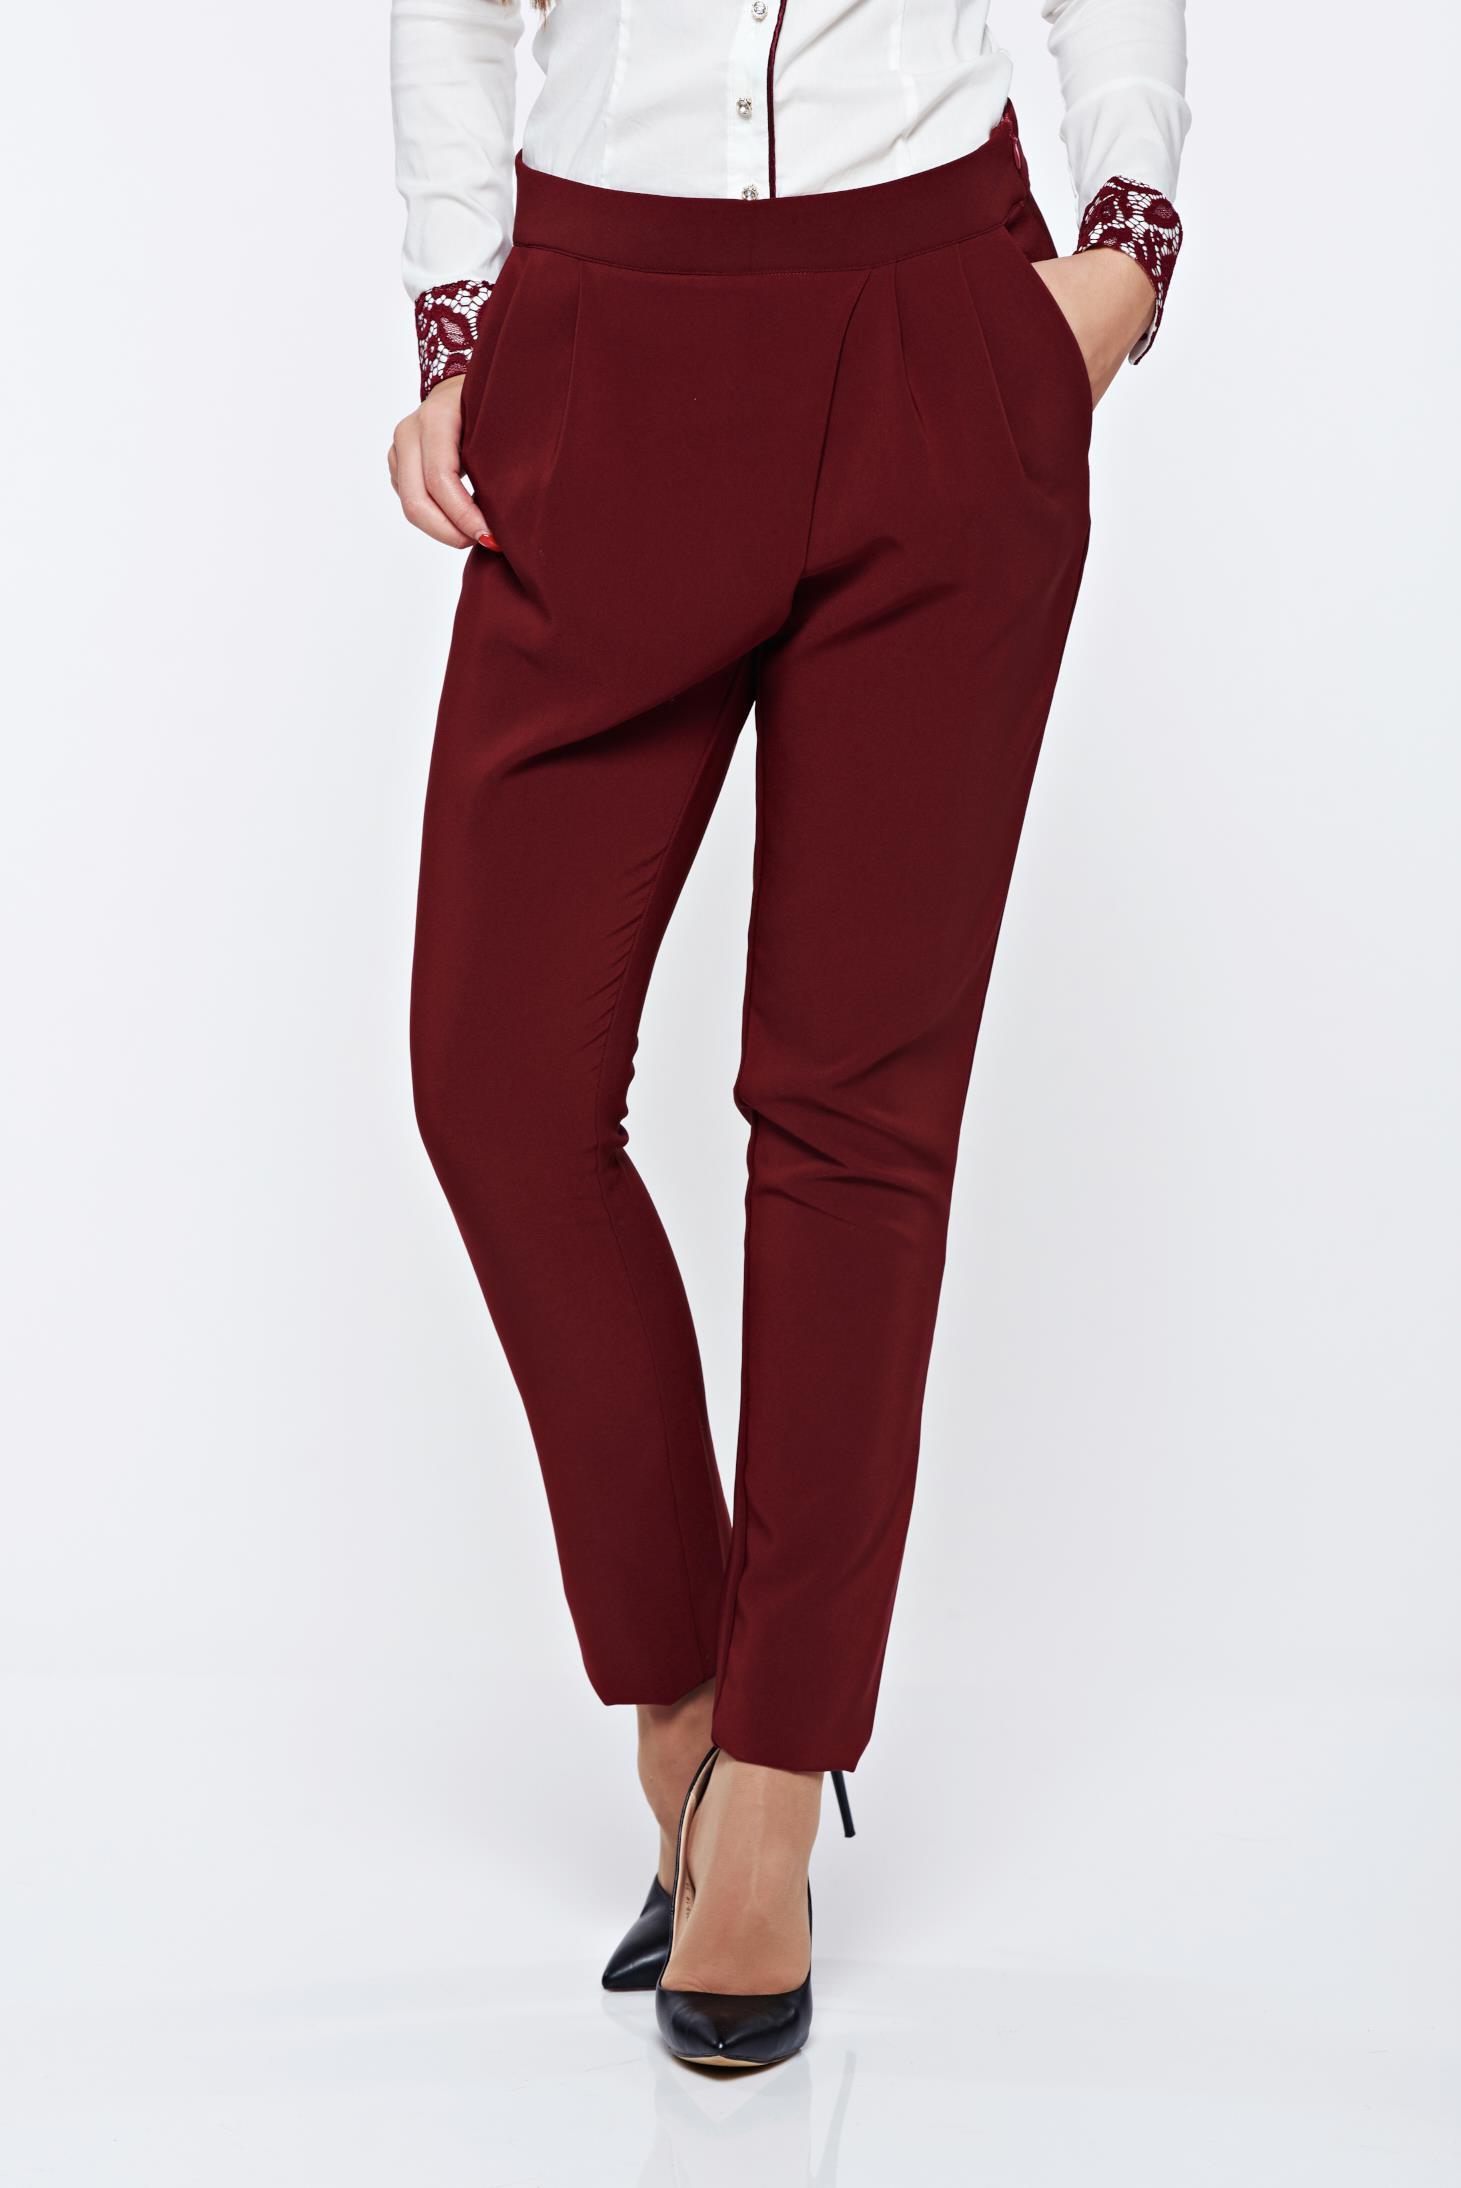 Pantaloni PrettyGirl visinii office conici cu talie medie cu buzunare